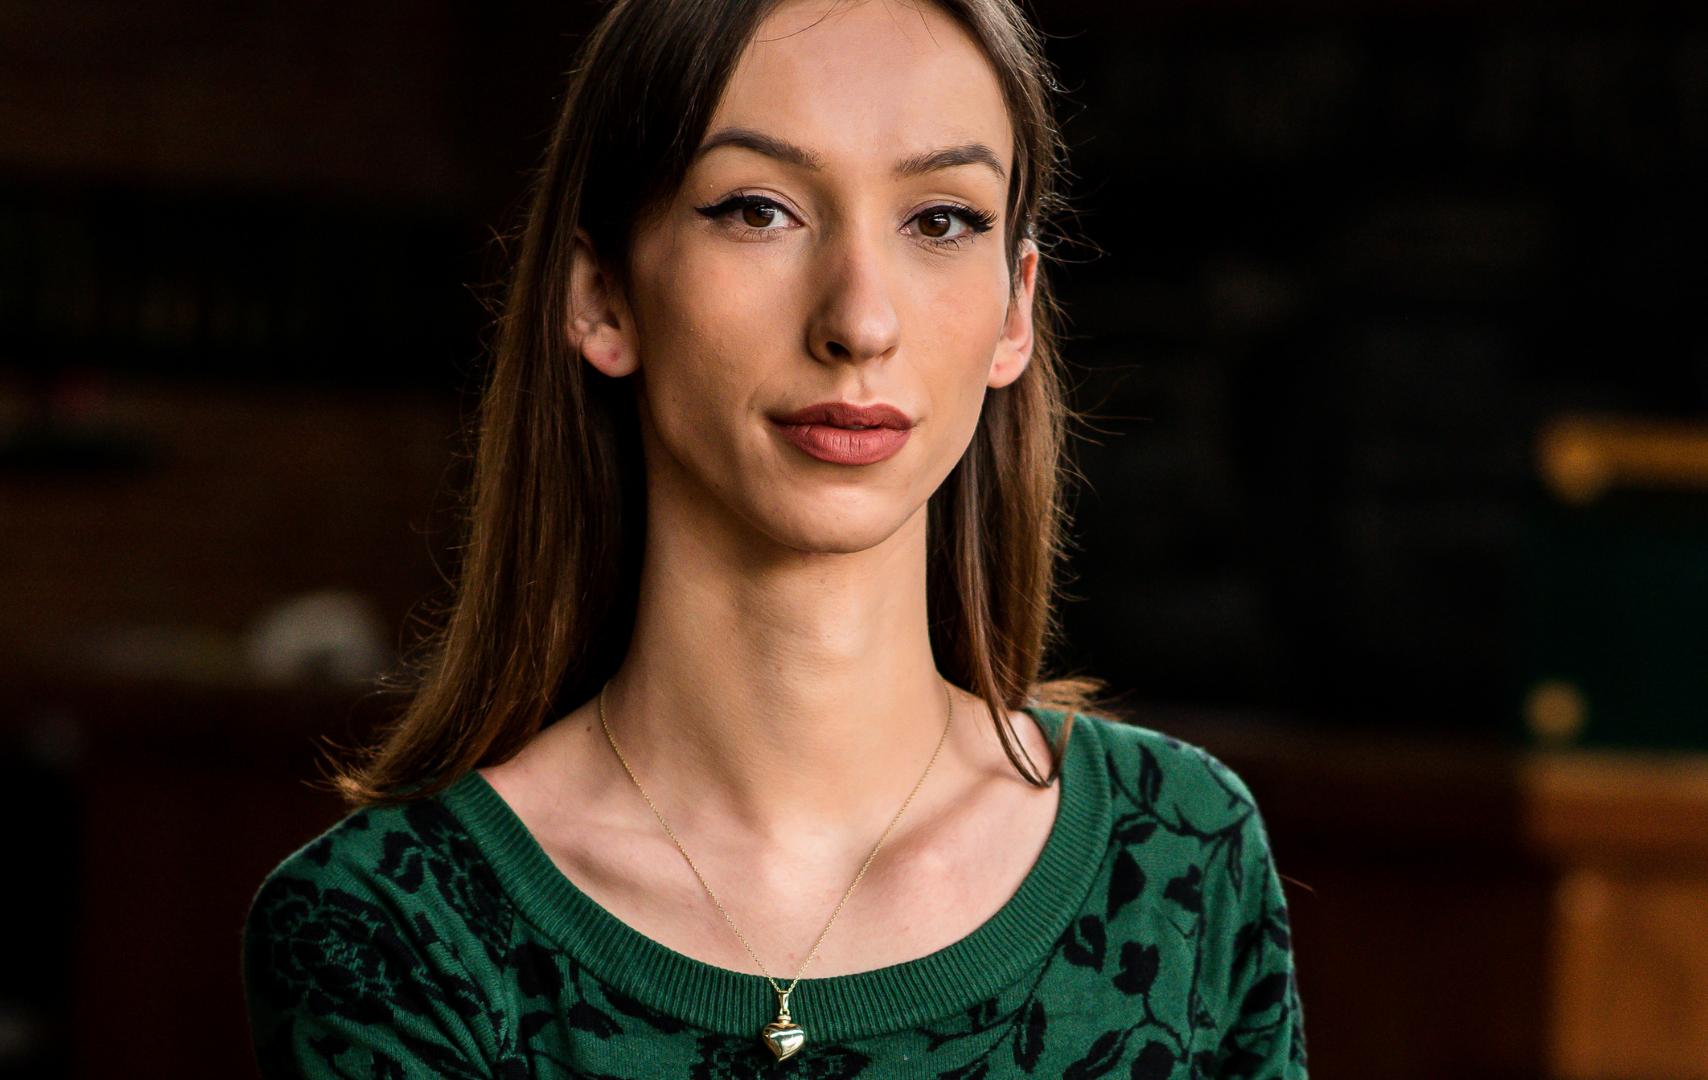 Portretfoto van Rebekka Timmer. Ze draagt een groene jurk en heeft een subtiel kettinkje om.